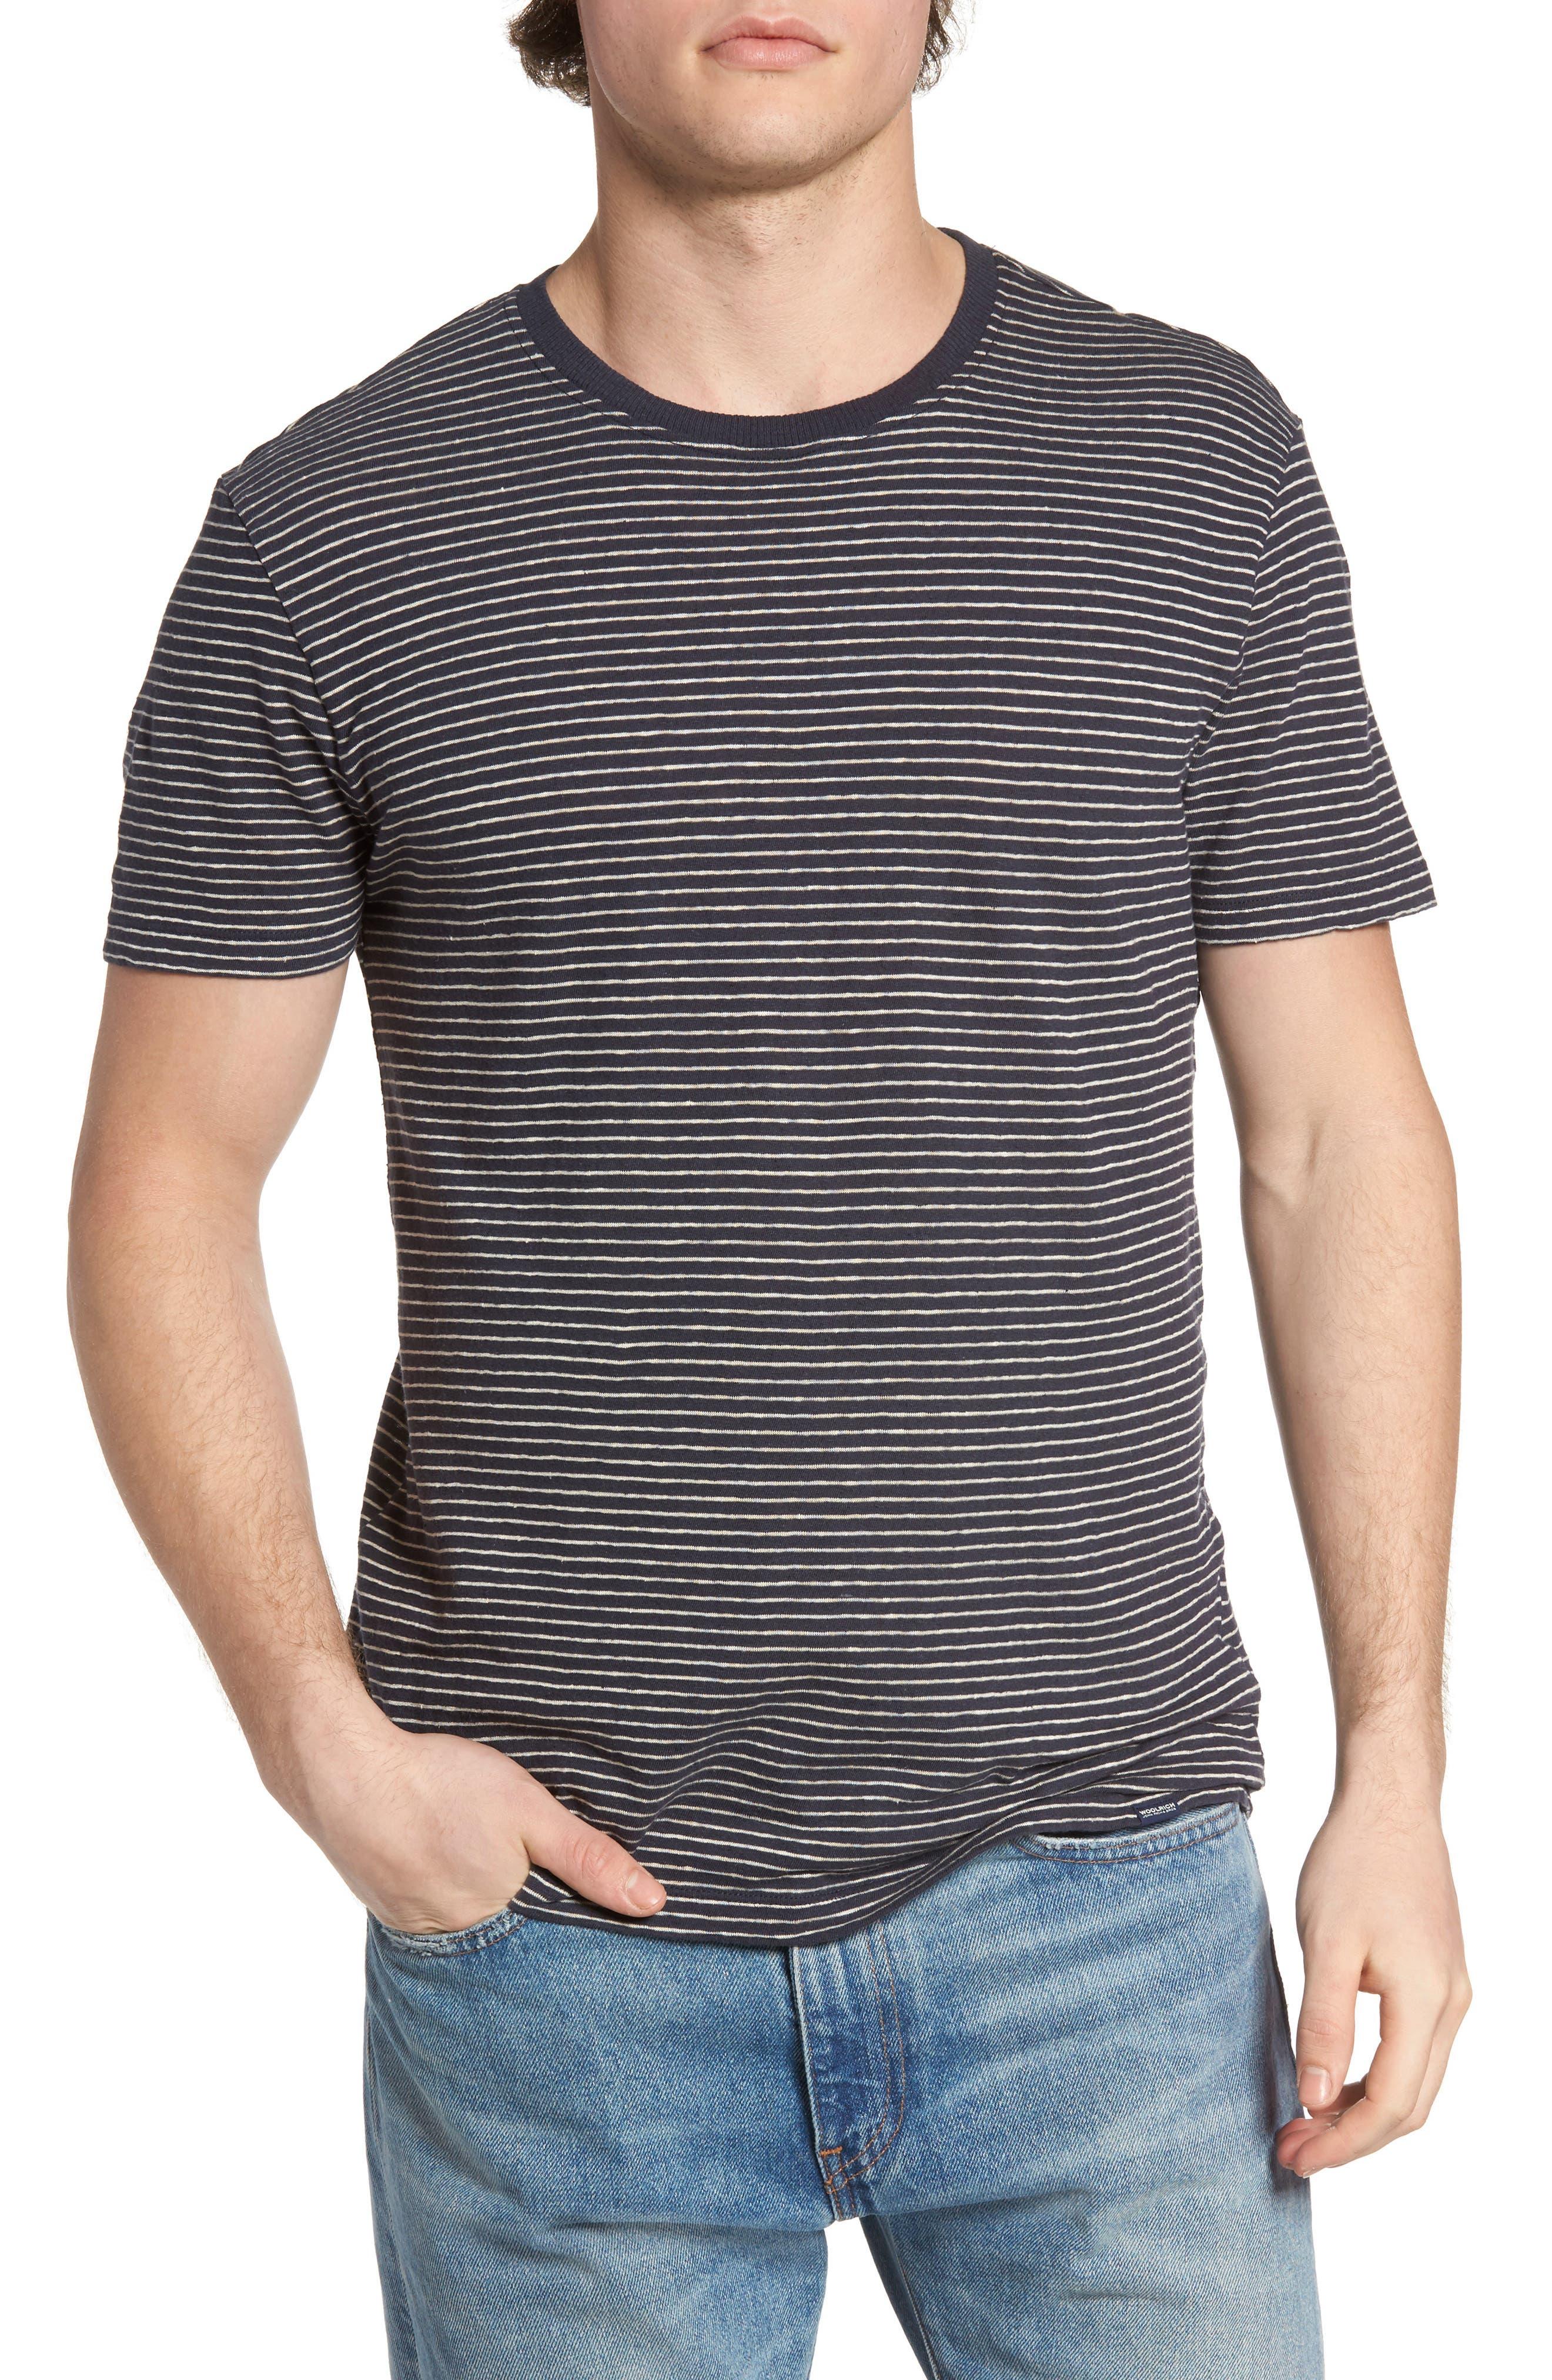 Alternate Image 1 Selected - Woolrich John Rich Stripe Cotton & Linen T-Shirt